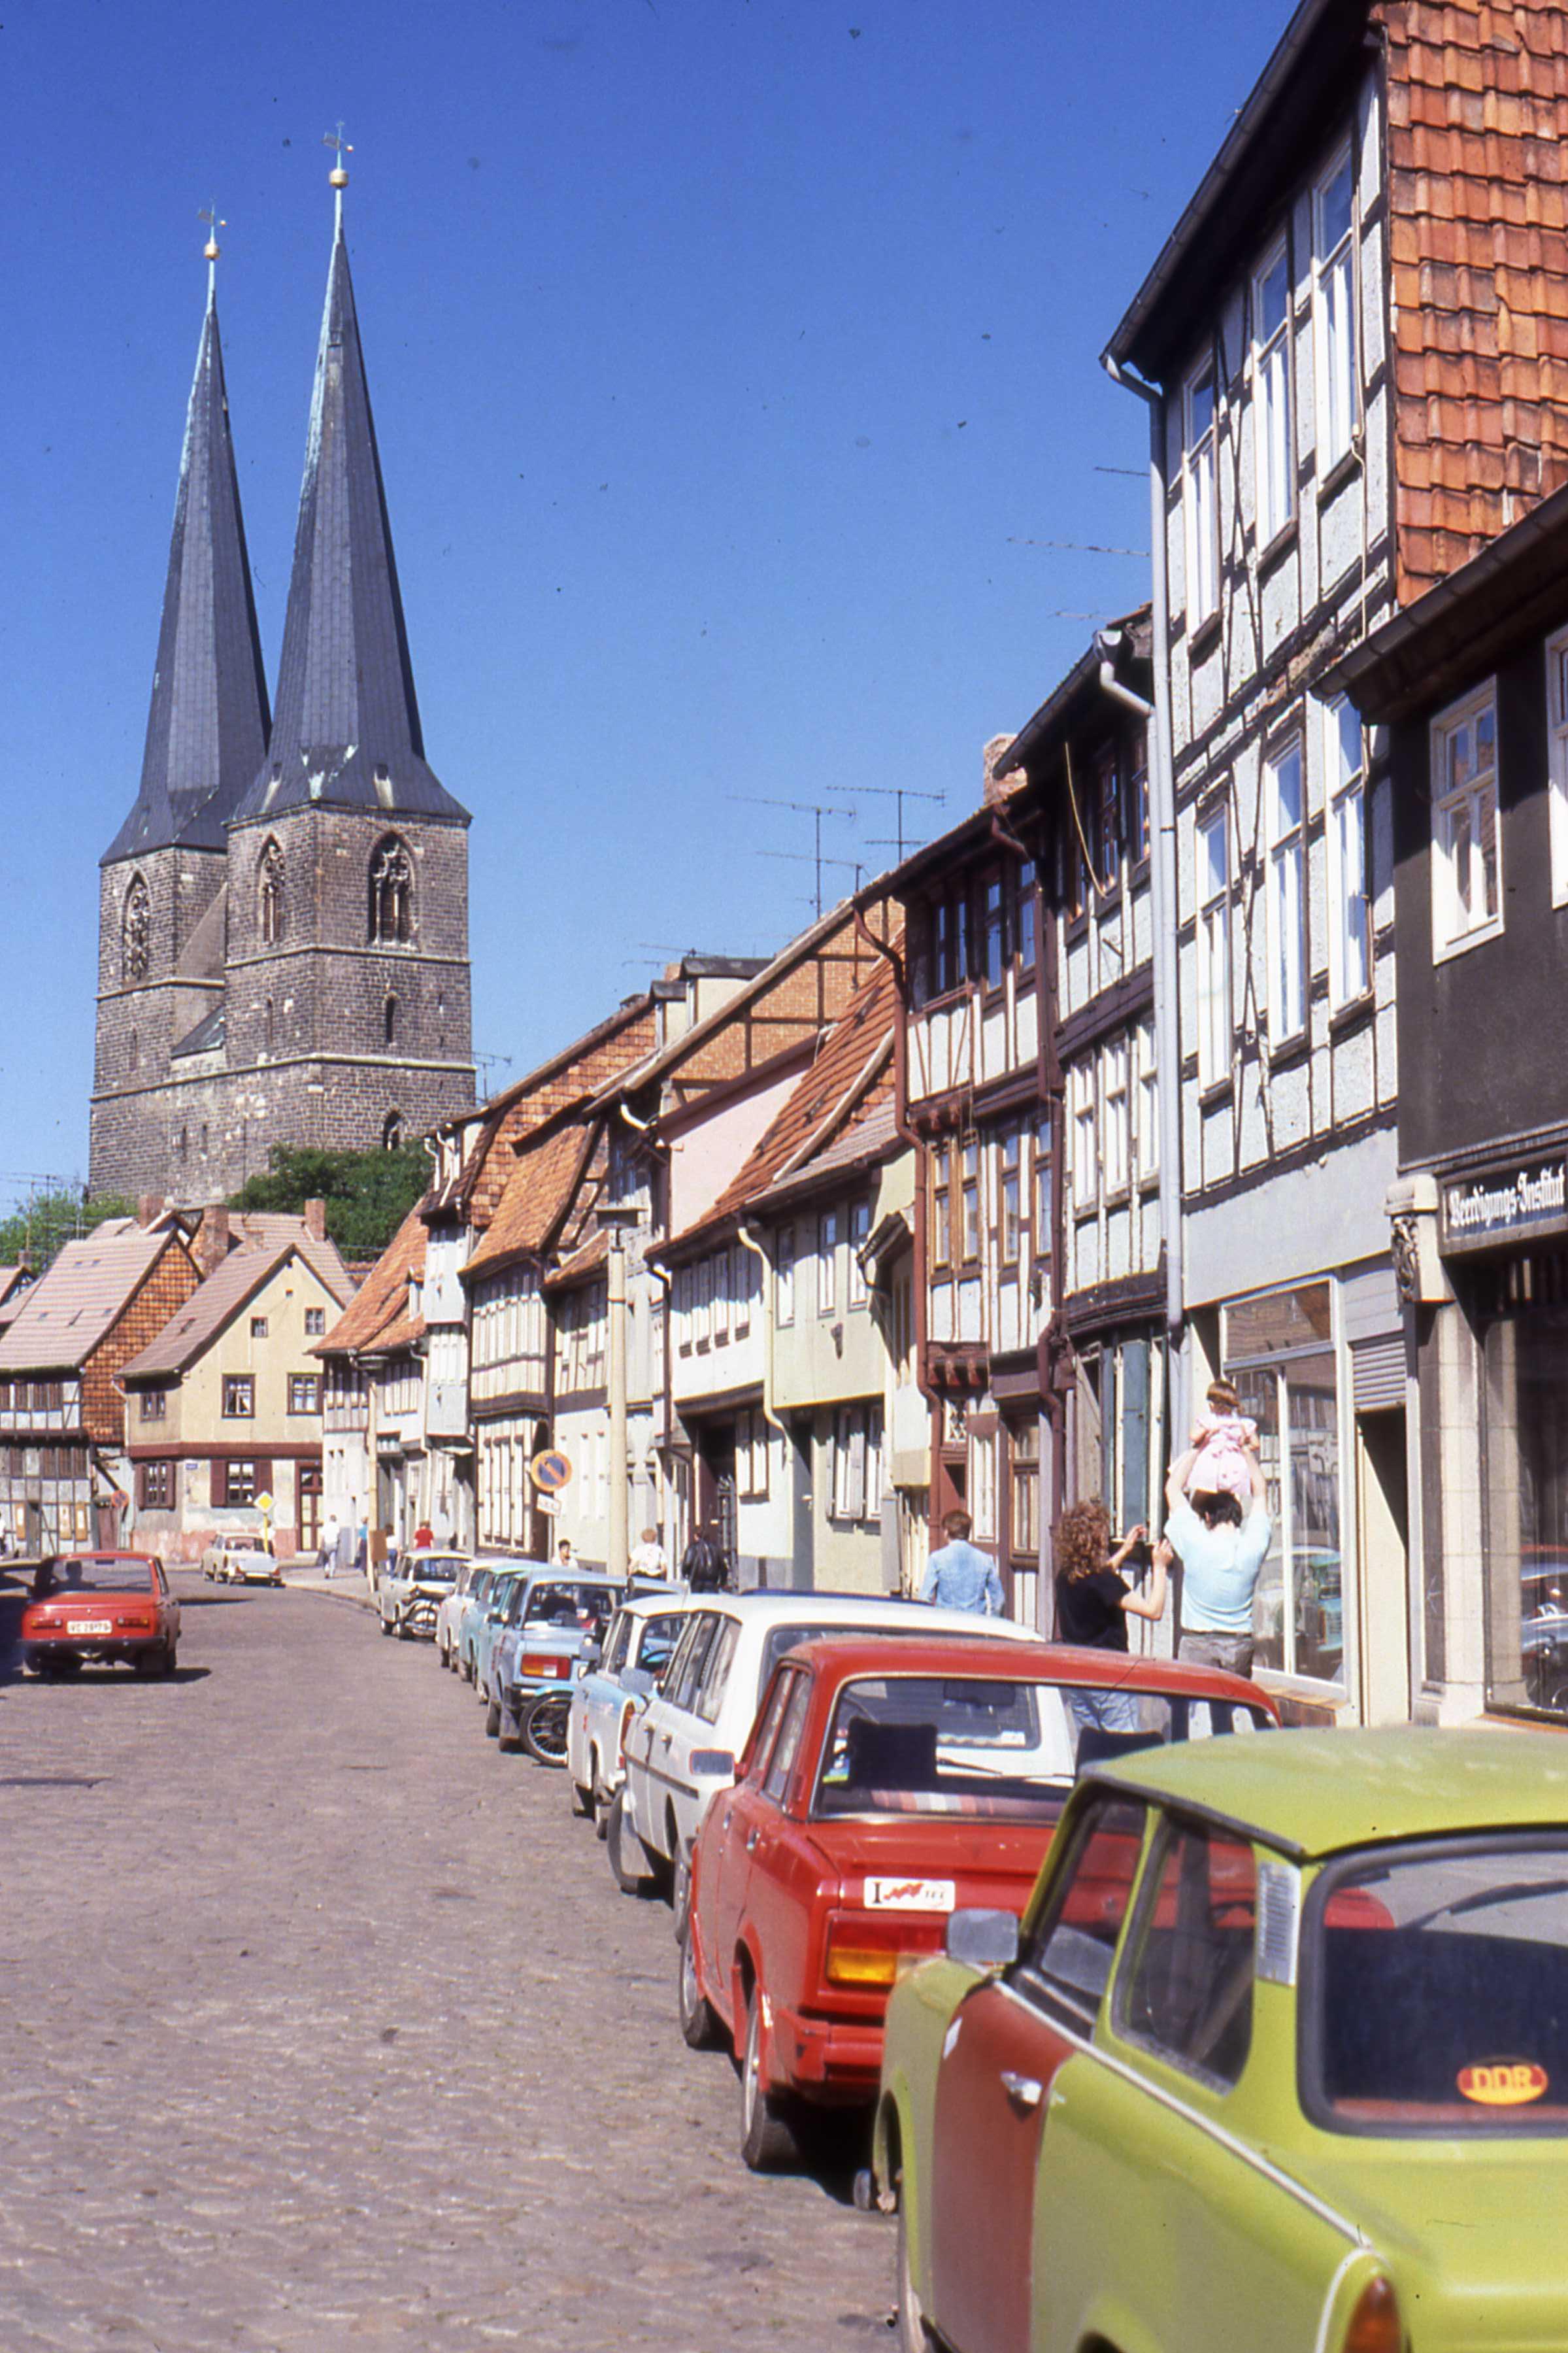 File:Quedlinburg DDR with St Nicholas Church, May 1990.jpg